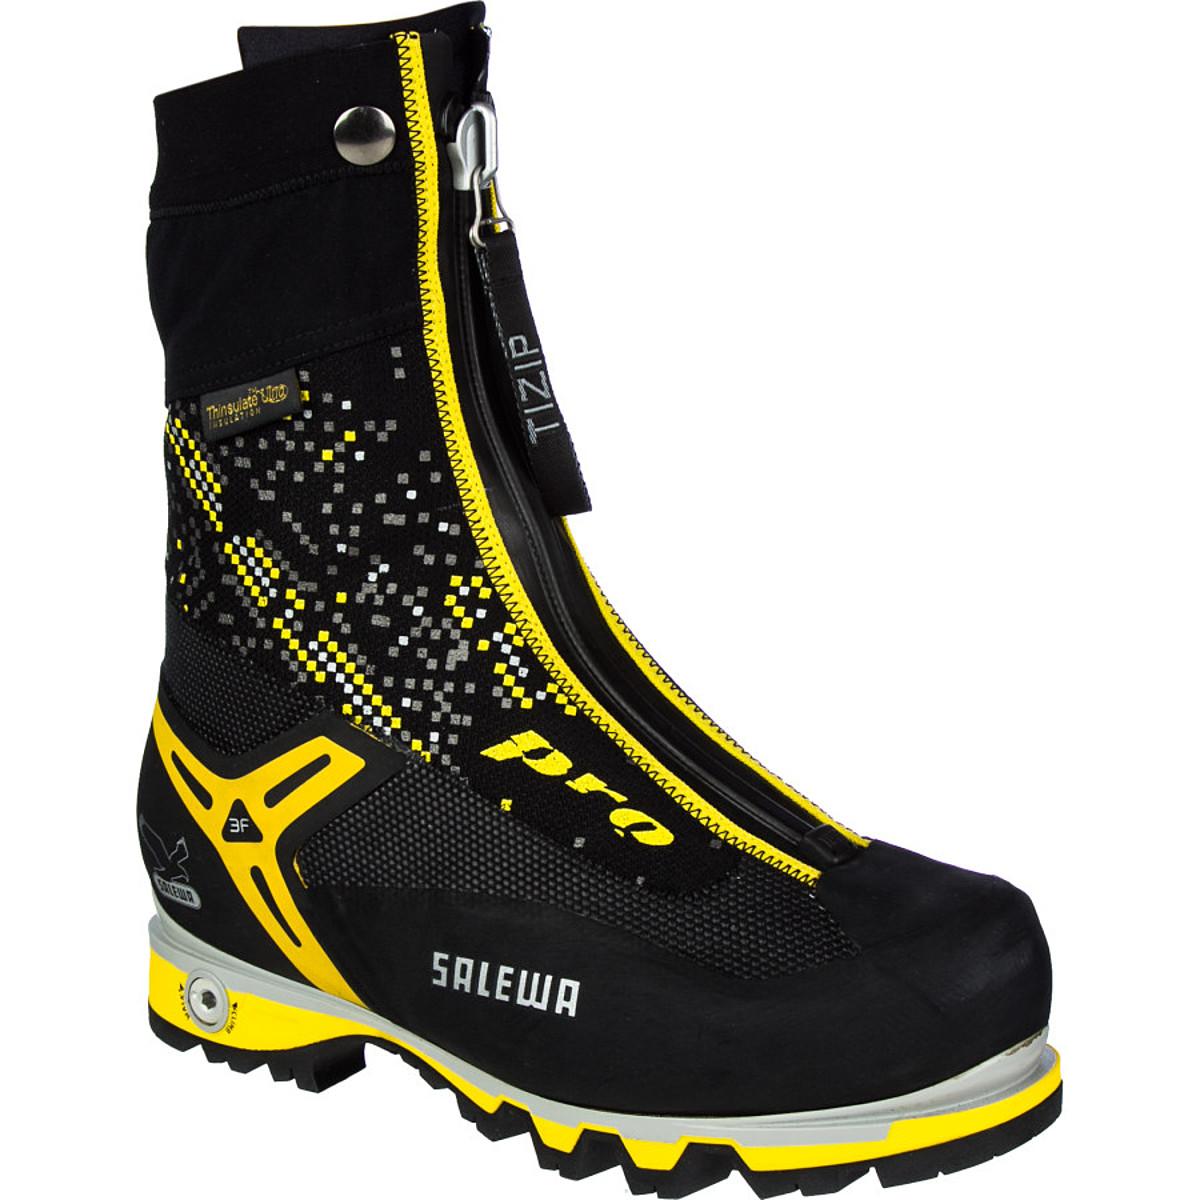 photo: Salewa Pro Gaiter mountaineering boot